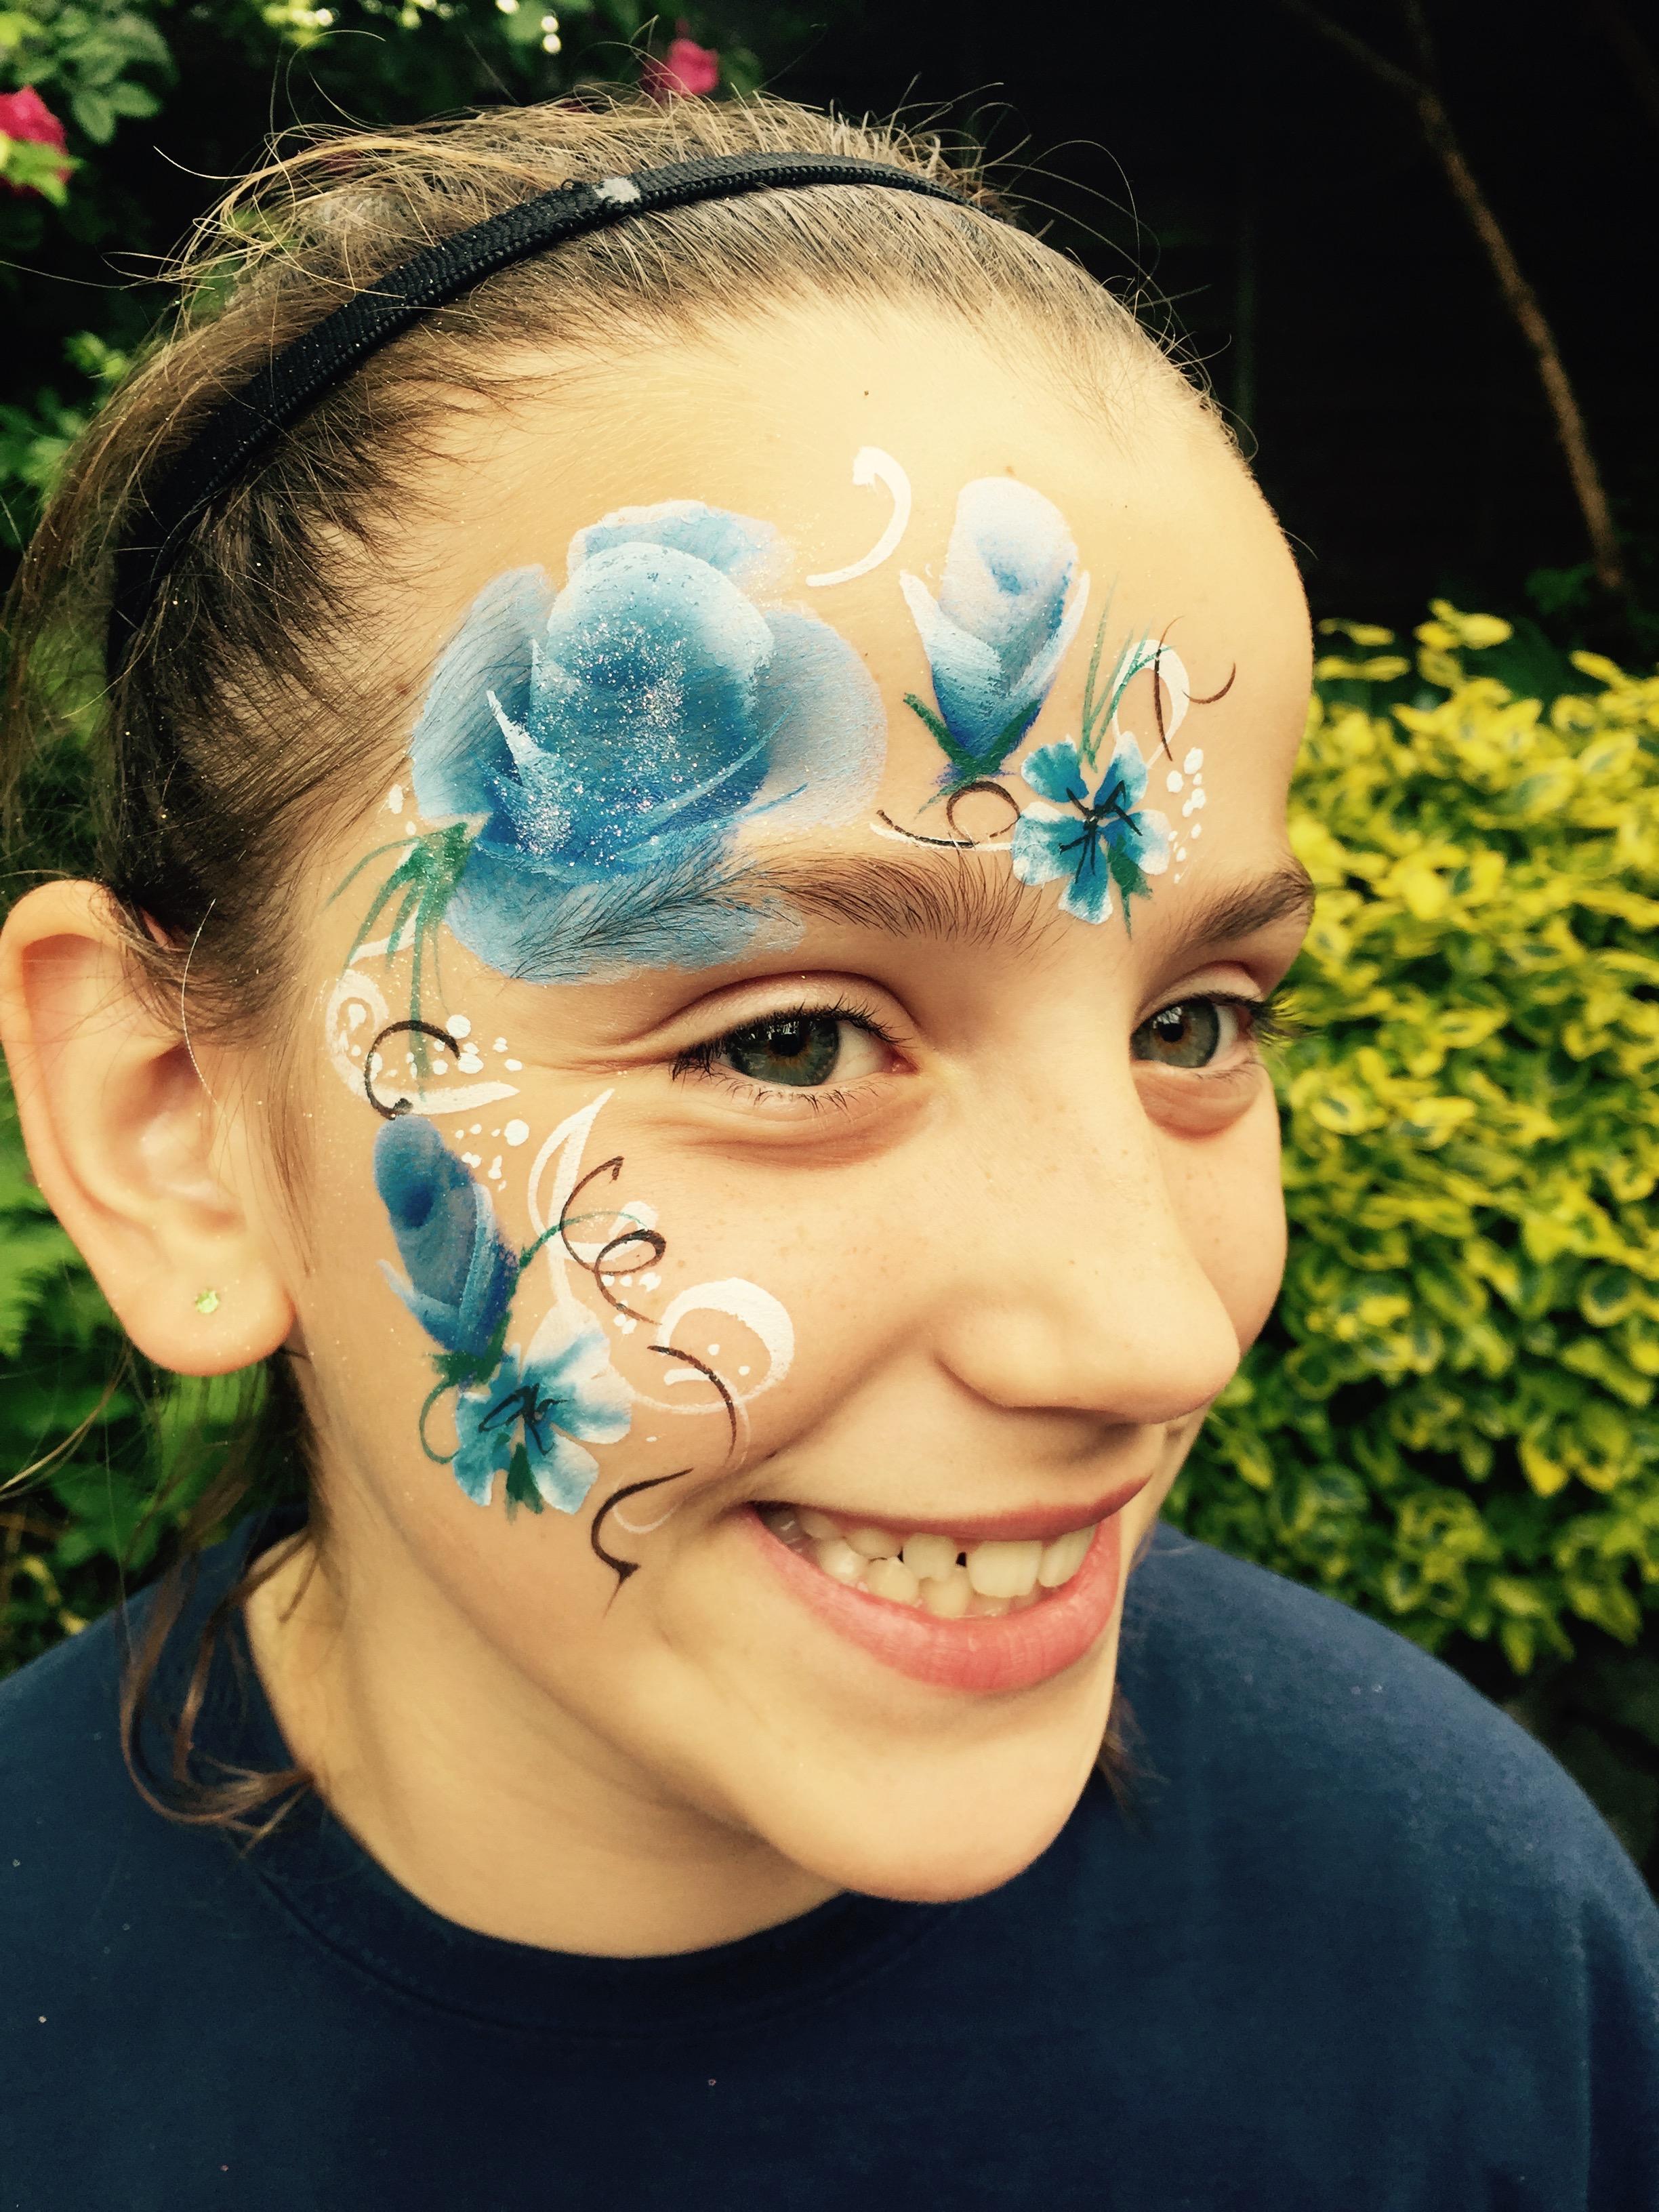 Beanys-facepainting-blueroses